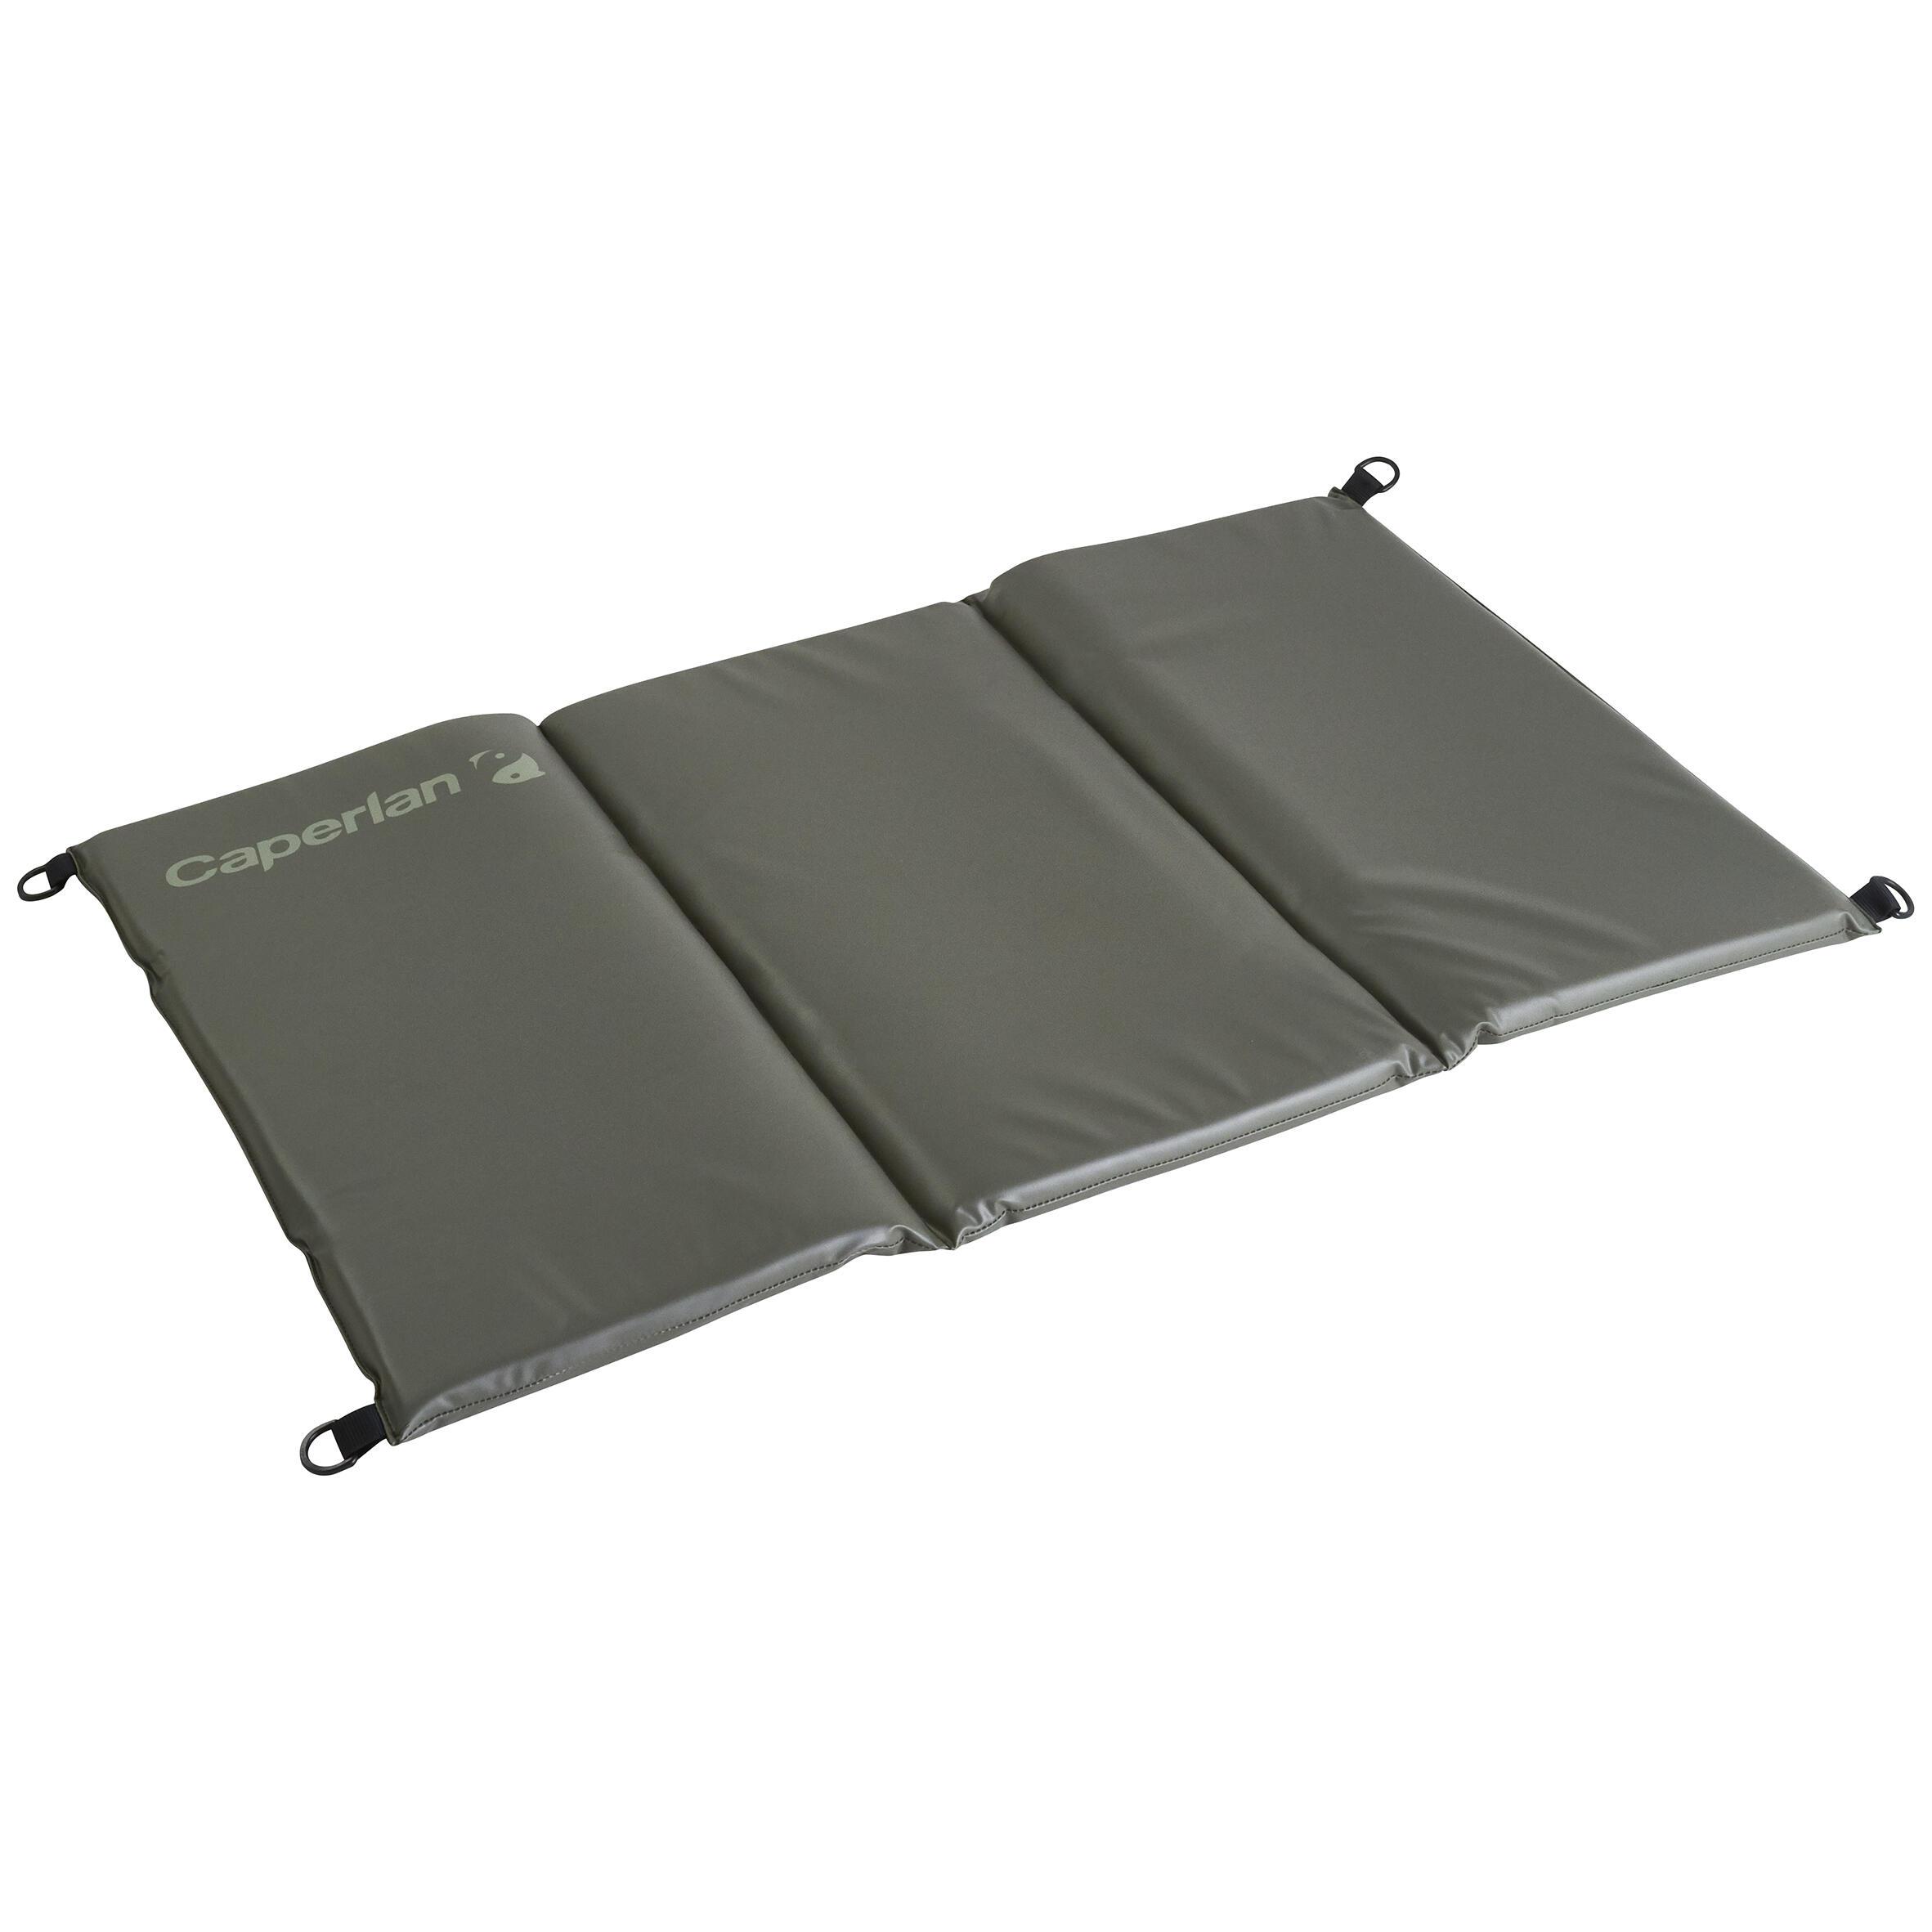 tapis de reception peche de la carpe landing carp mat 1